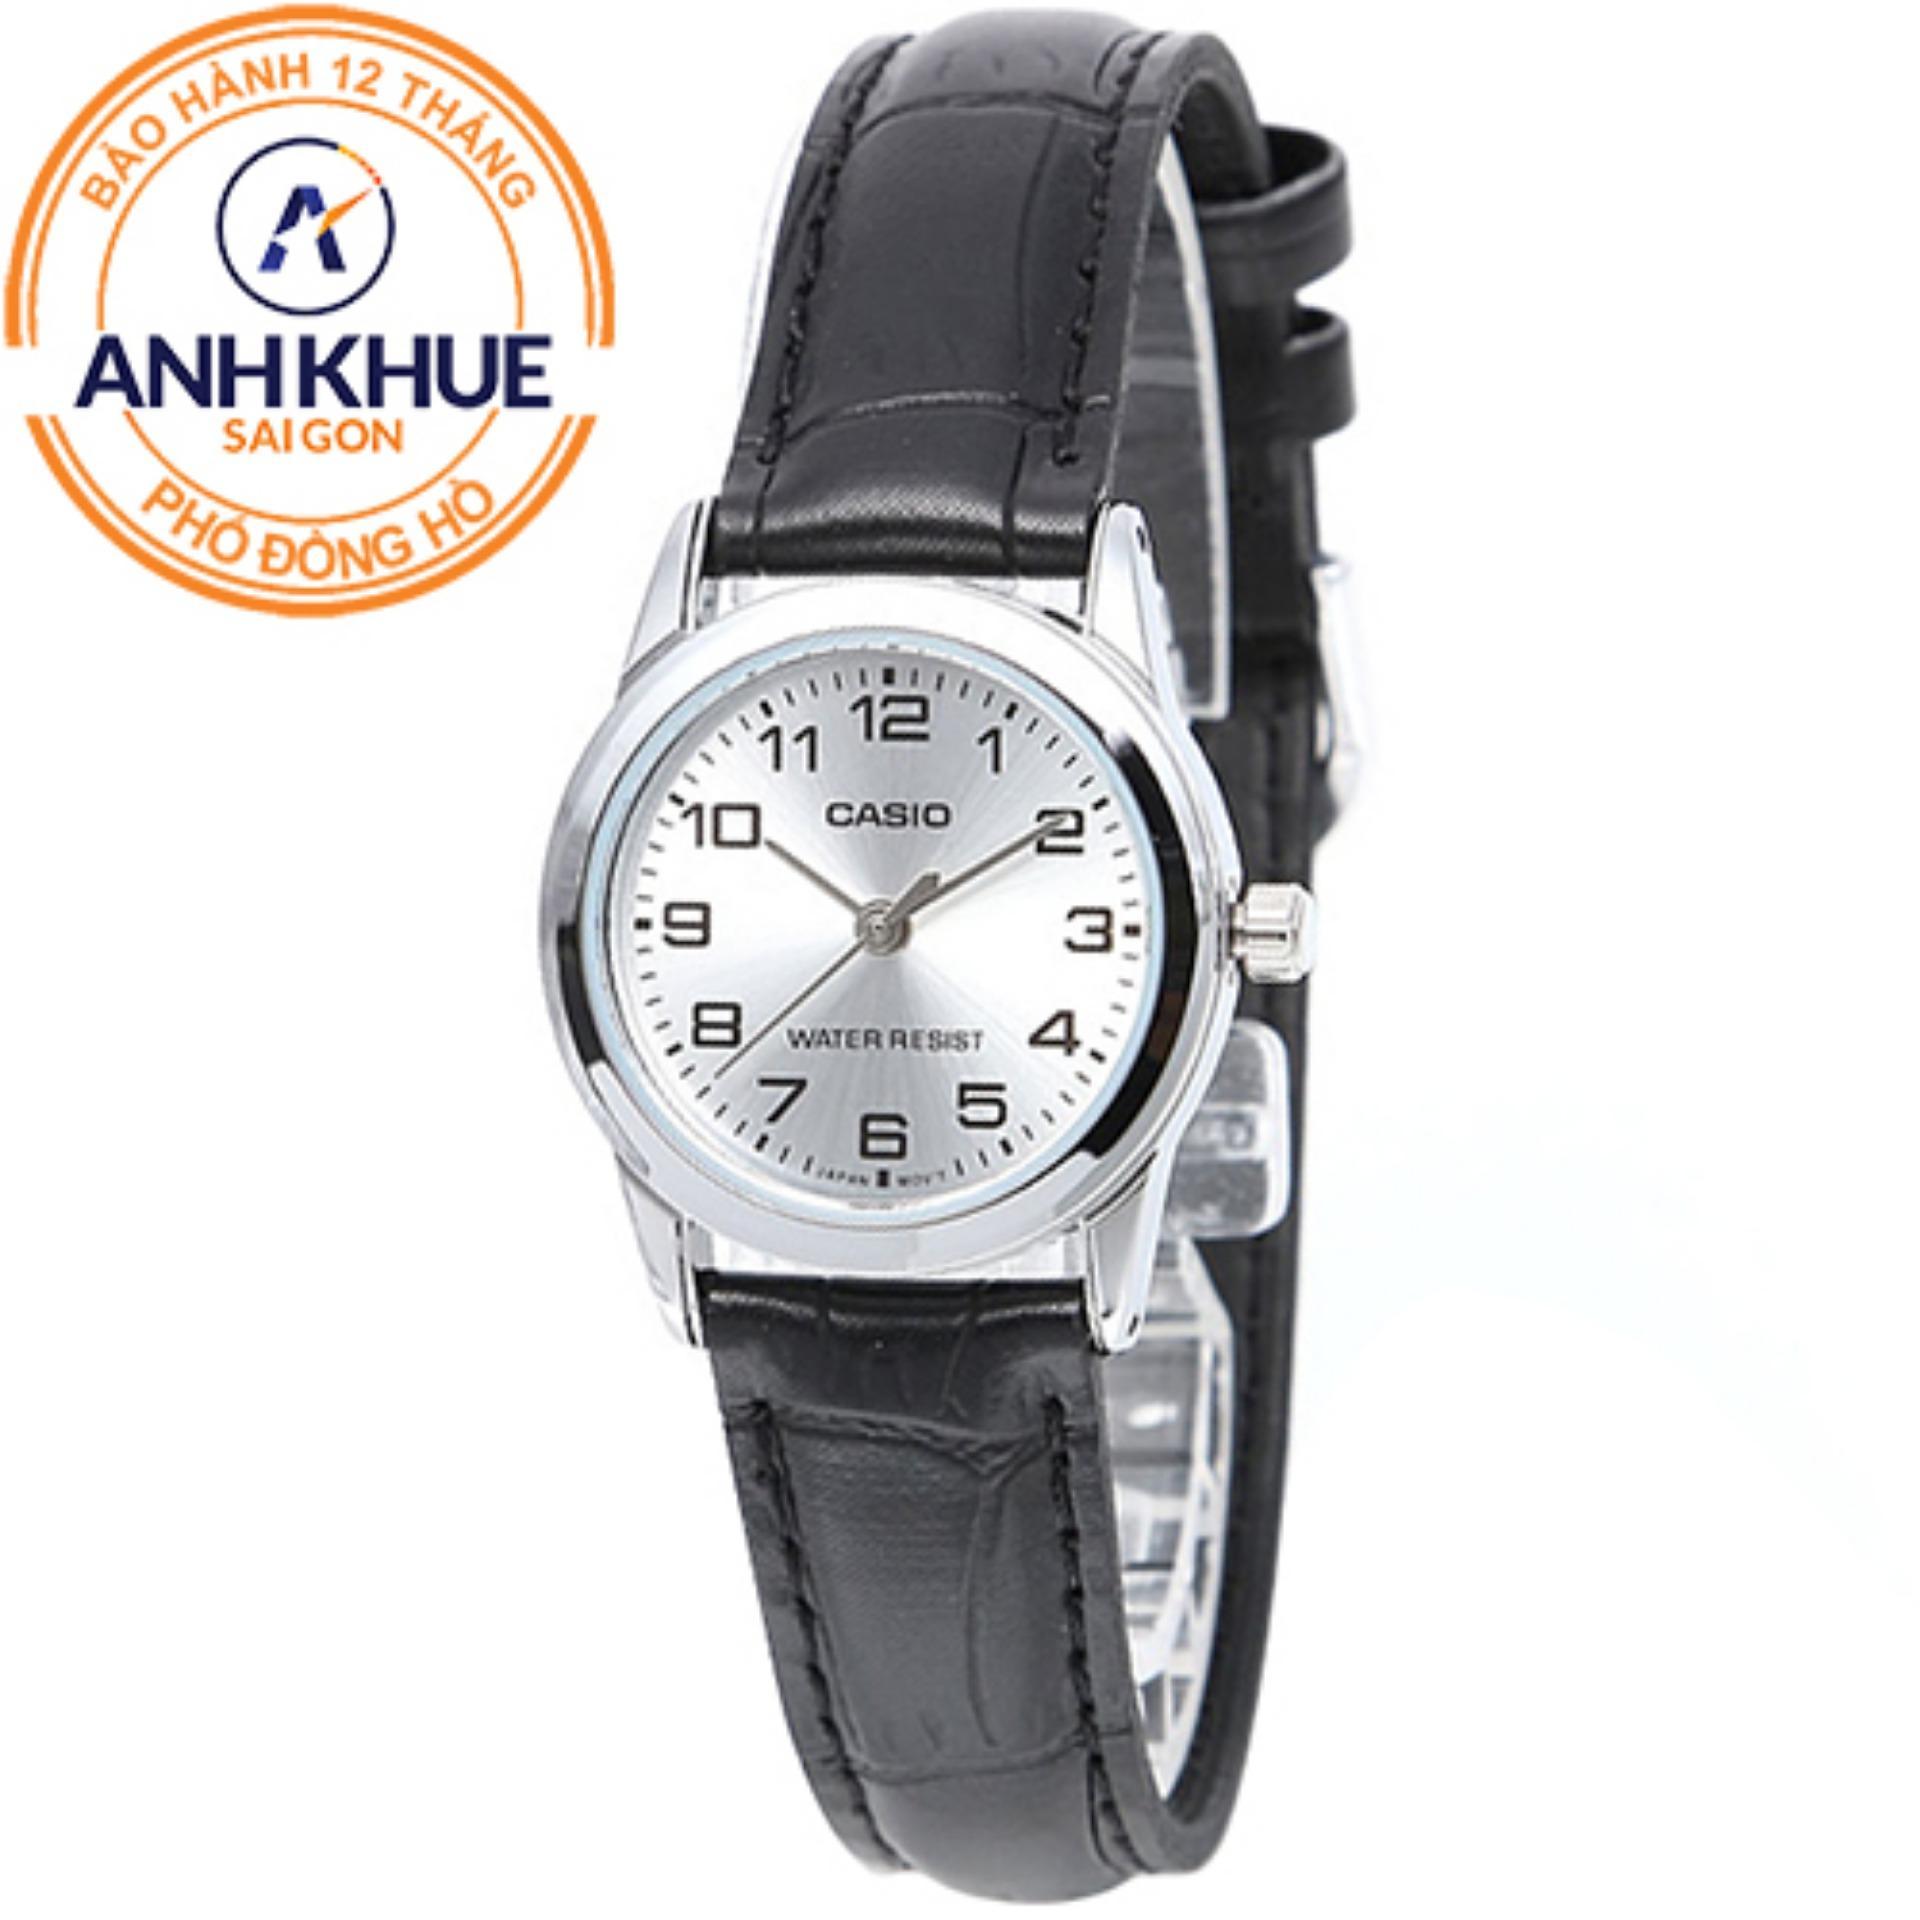 Đồng hồ nữ dây da Casio Anh Khuê LTP-V001L-7BUDF